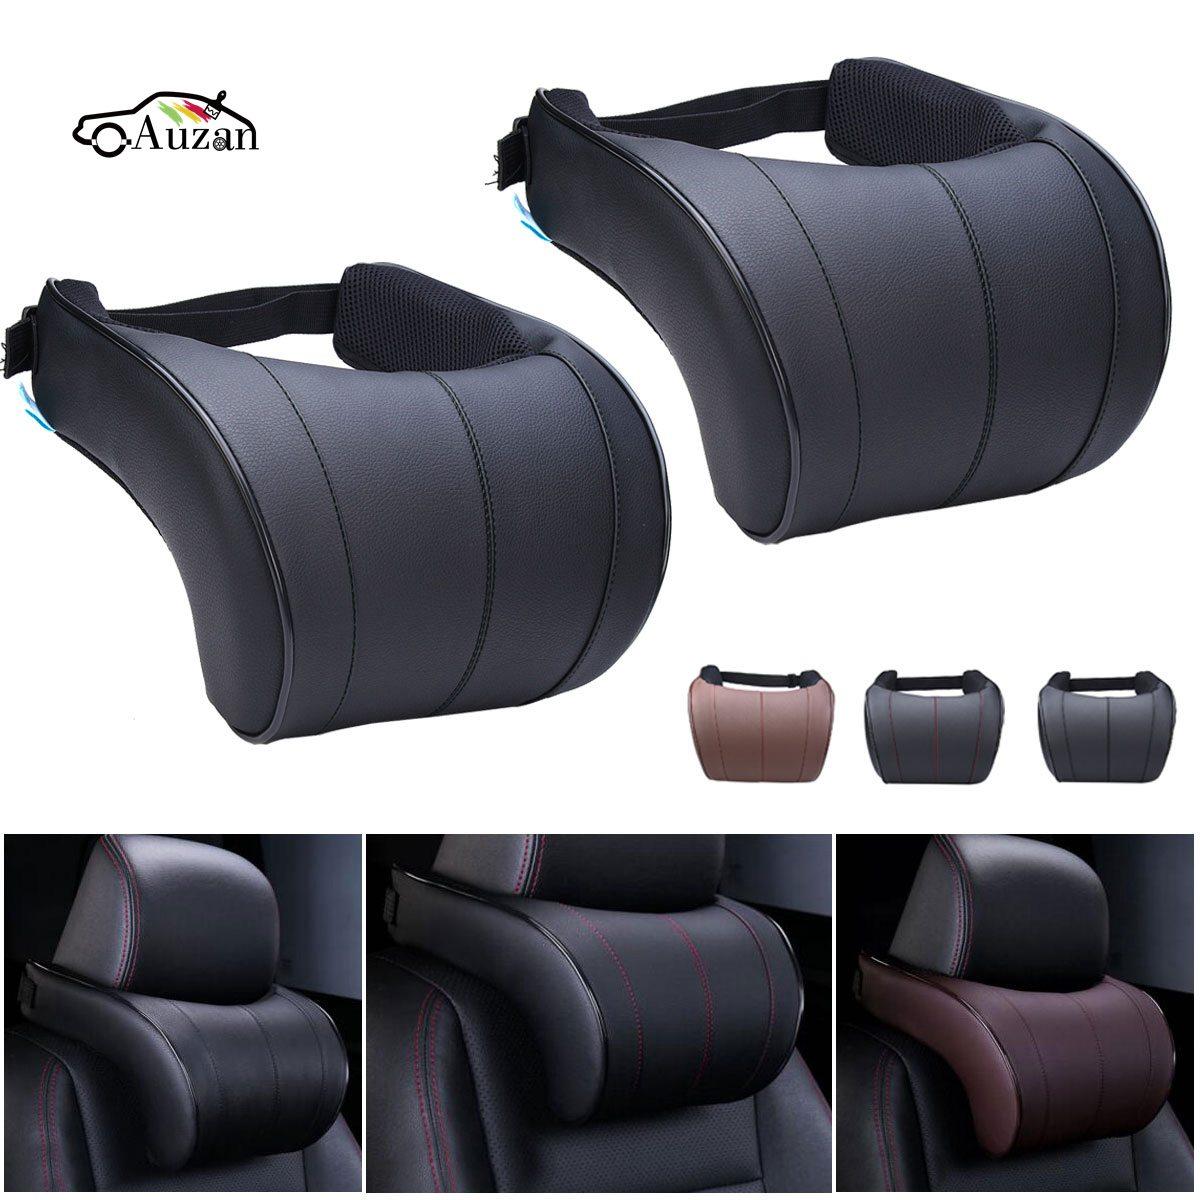 1 piezas PU cuero Auto coche cuello almohada almohadas de espuma de memoria cuello resto reposacabezas del asiento cojín 3 colores de alta calidad